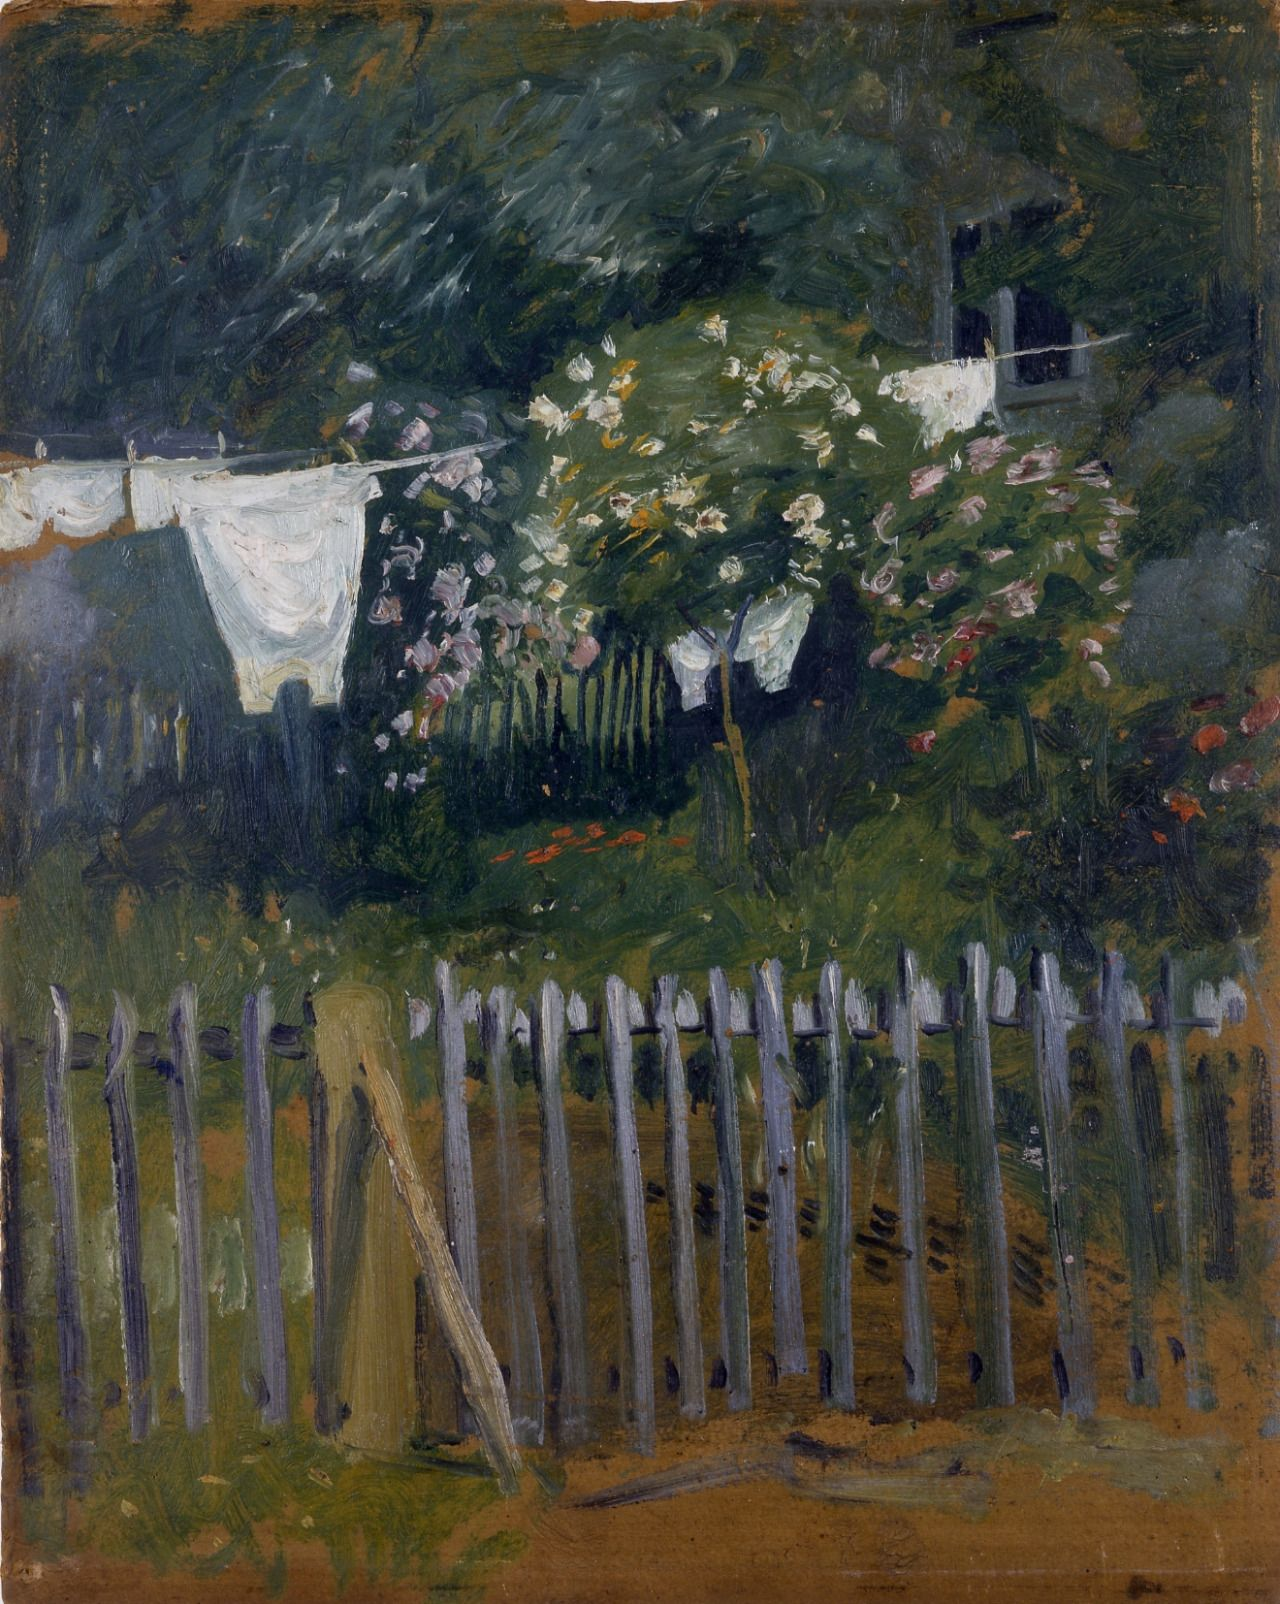 Beautiful August Macke German Laundry in the garden in Kandern